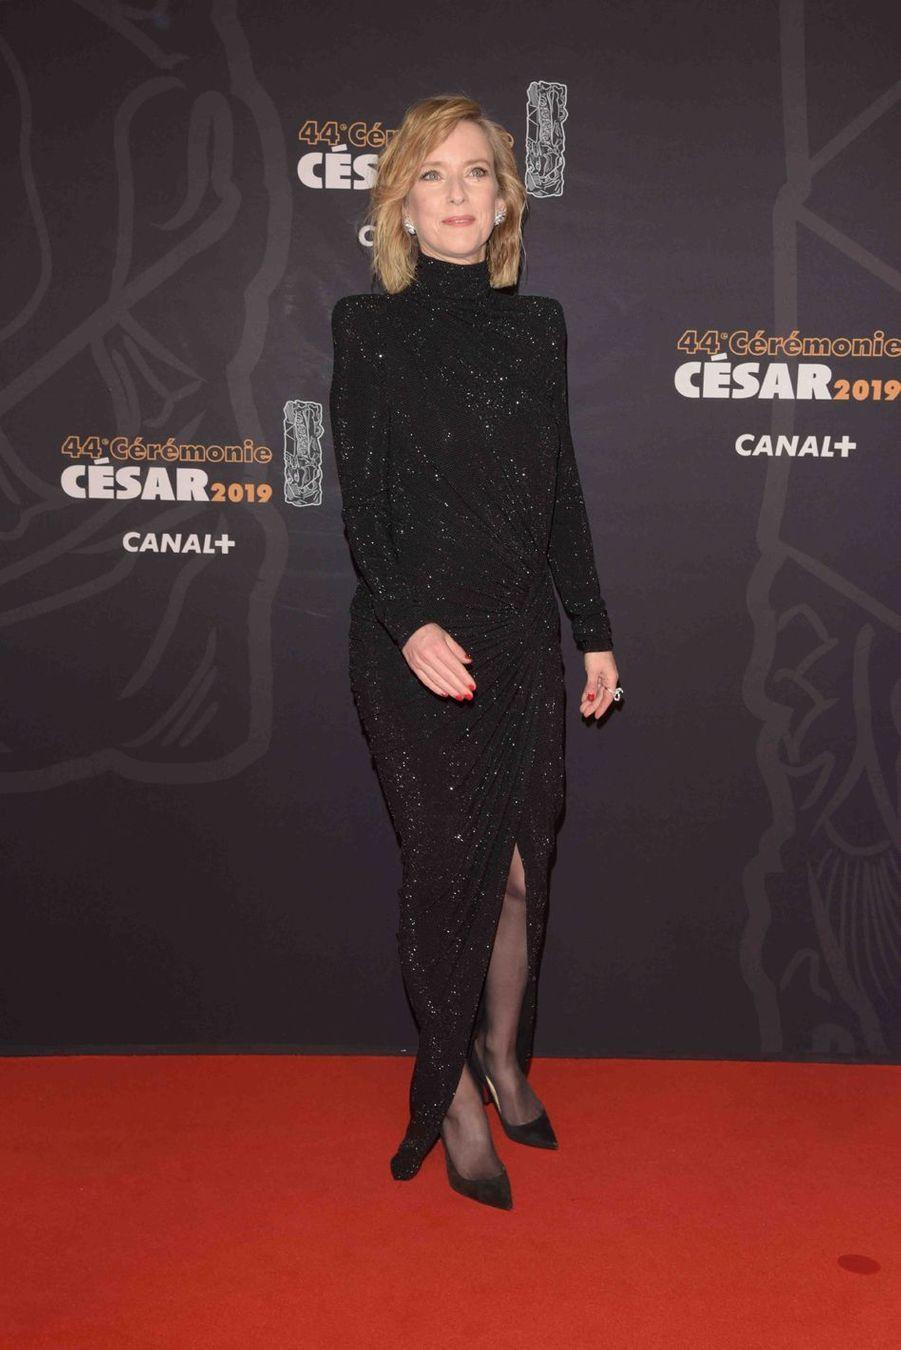 Léa Druckerà la 44e cérémonie des César à la Salle Pleyel à Paris le 22 février 2019